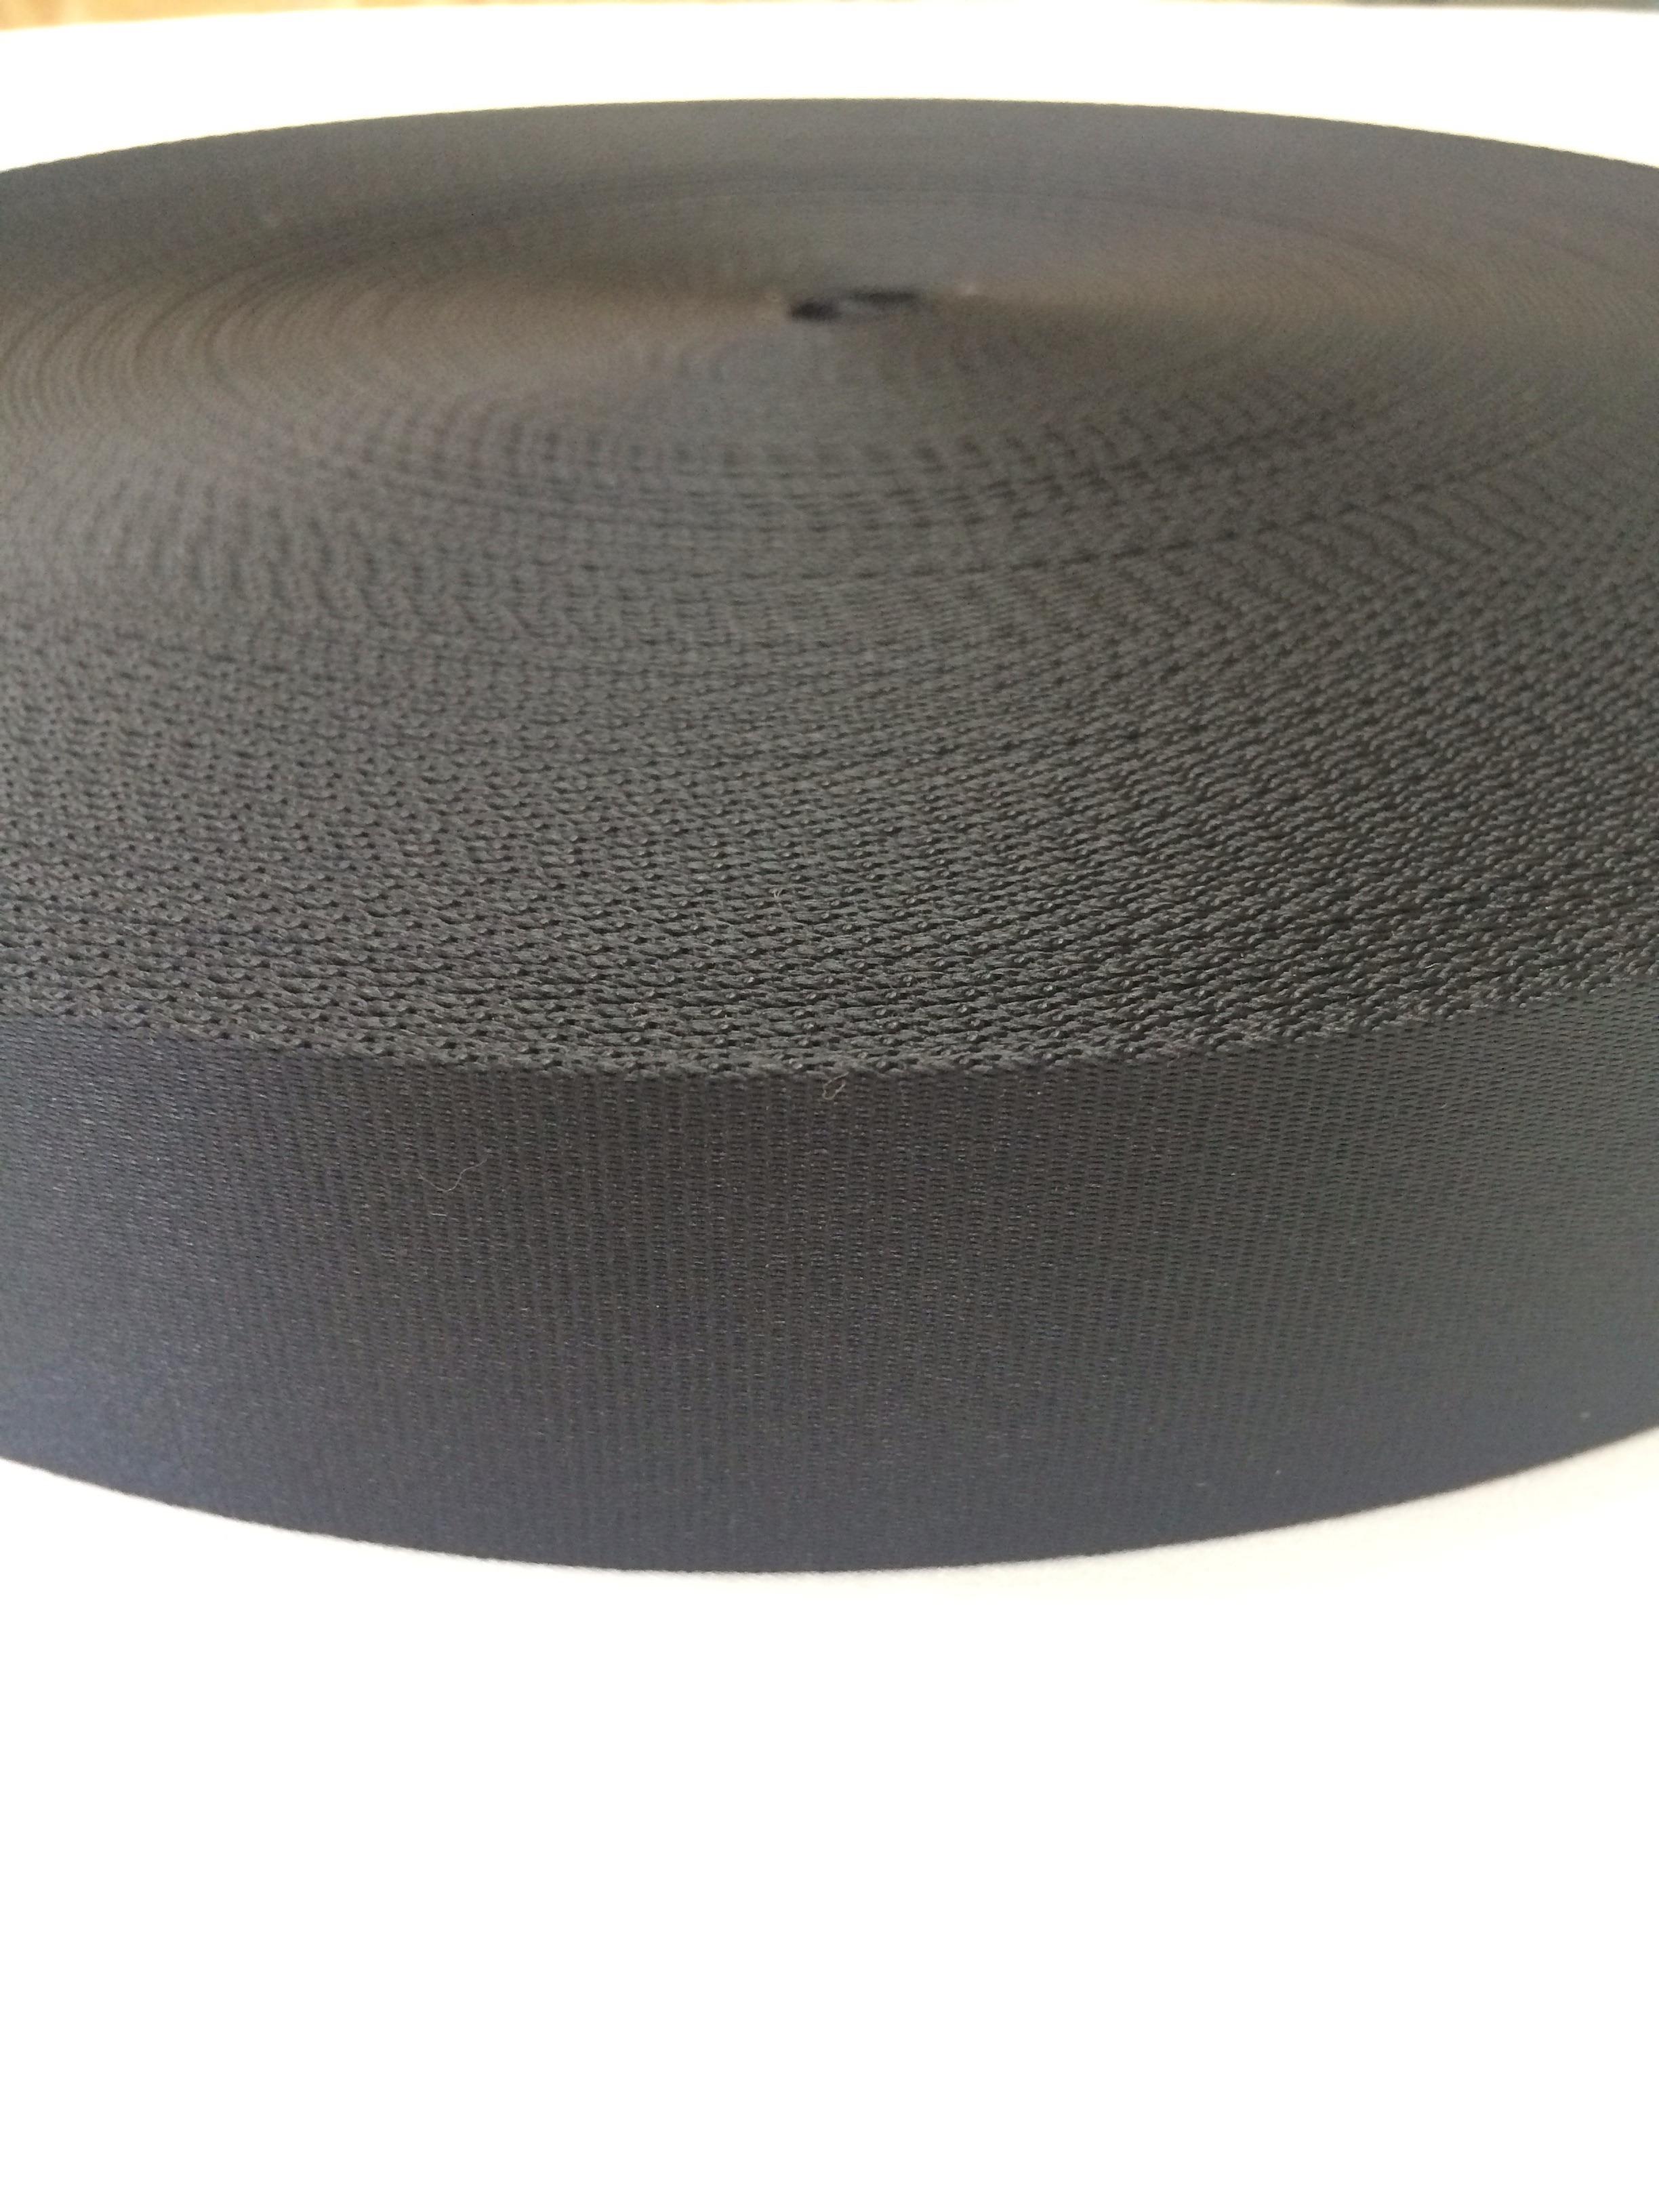 ナイロンテープ サテン調朱子織 20mm幅 黒 1m